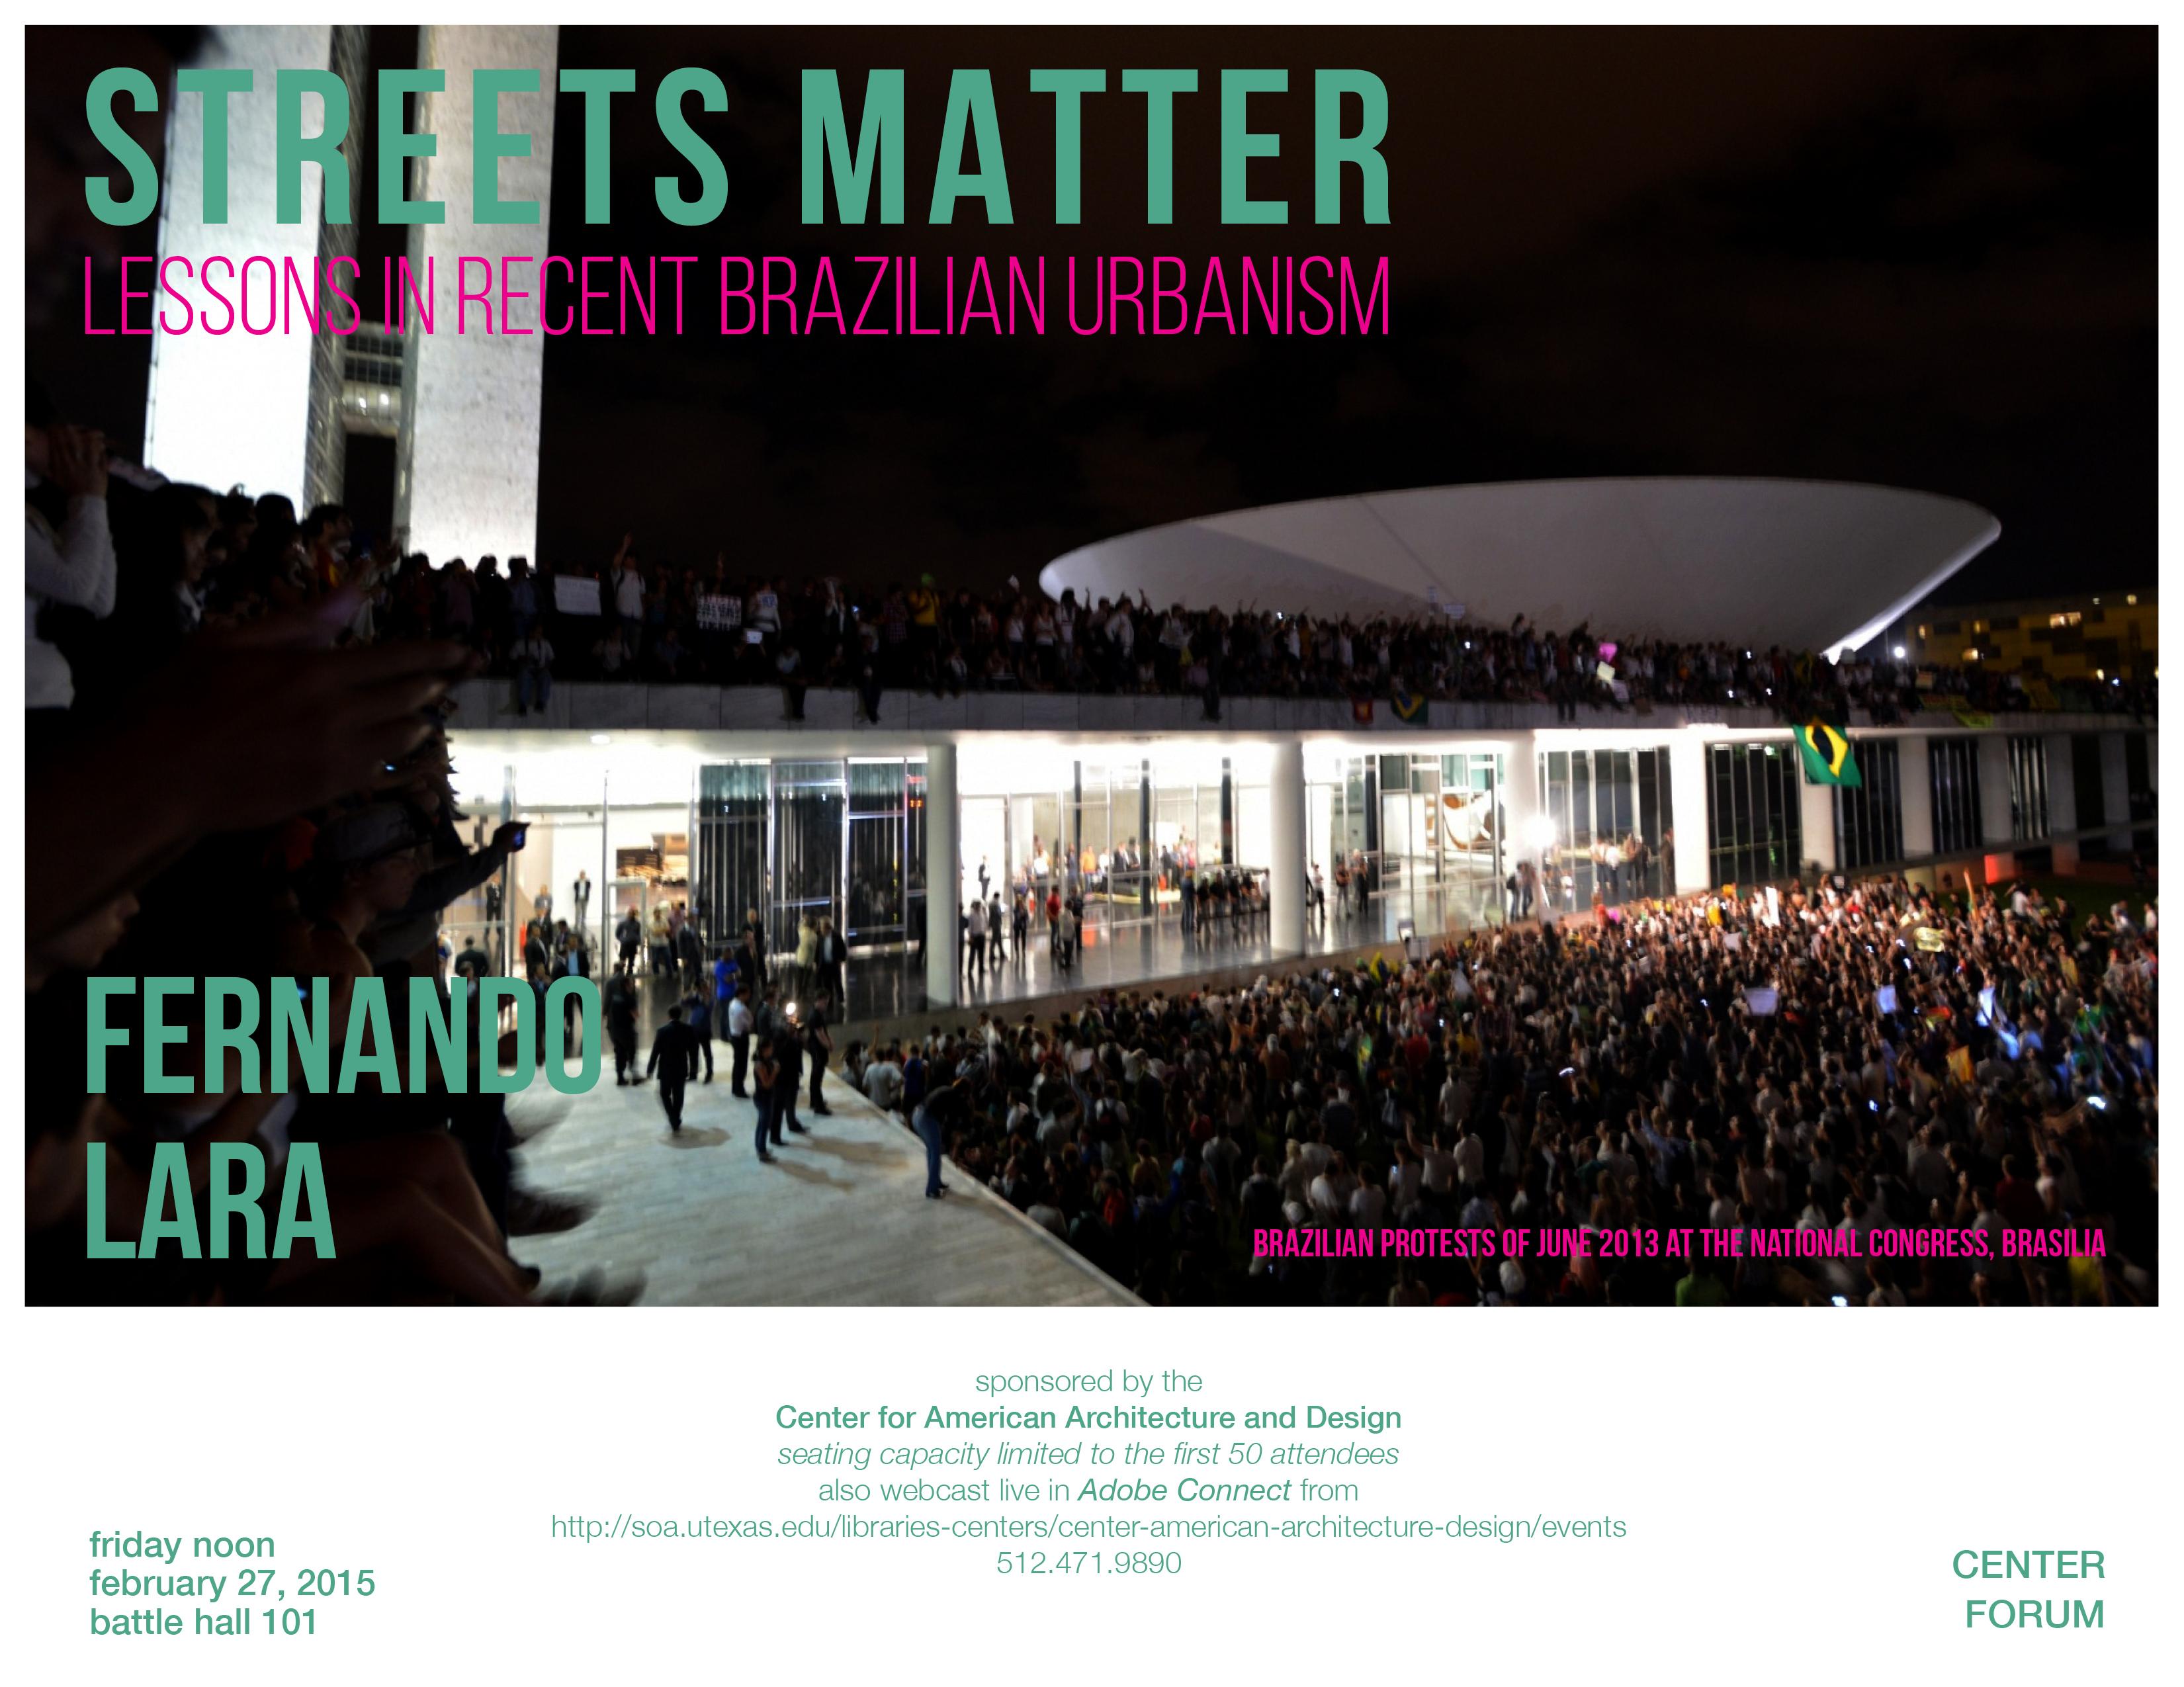 Brazilia, Brazilian Protests, Fernando Lara